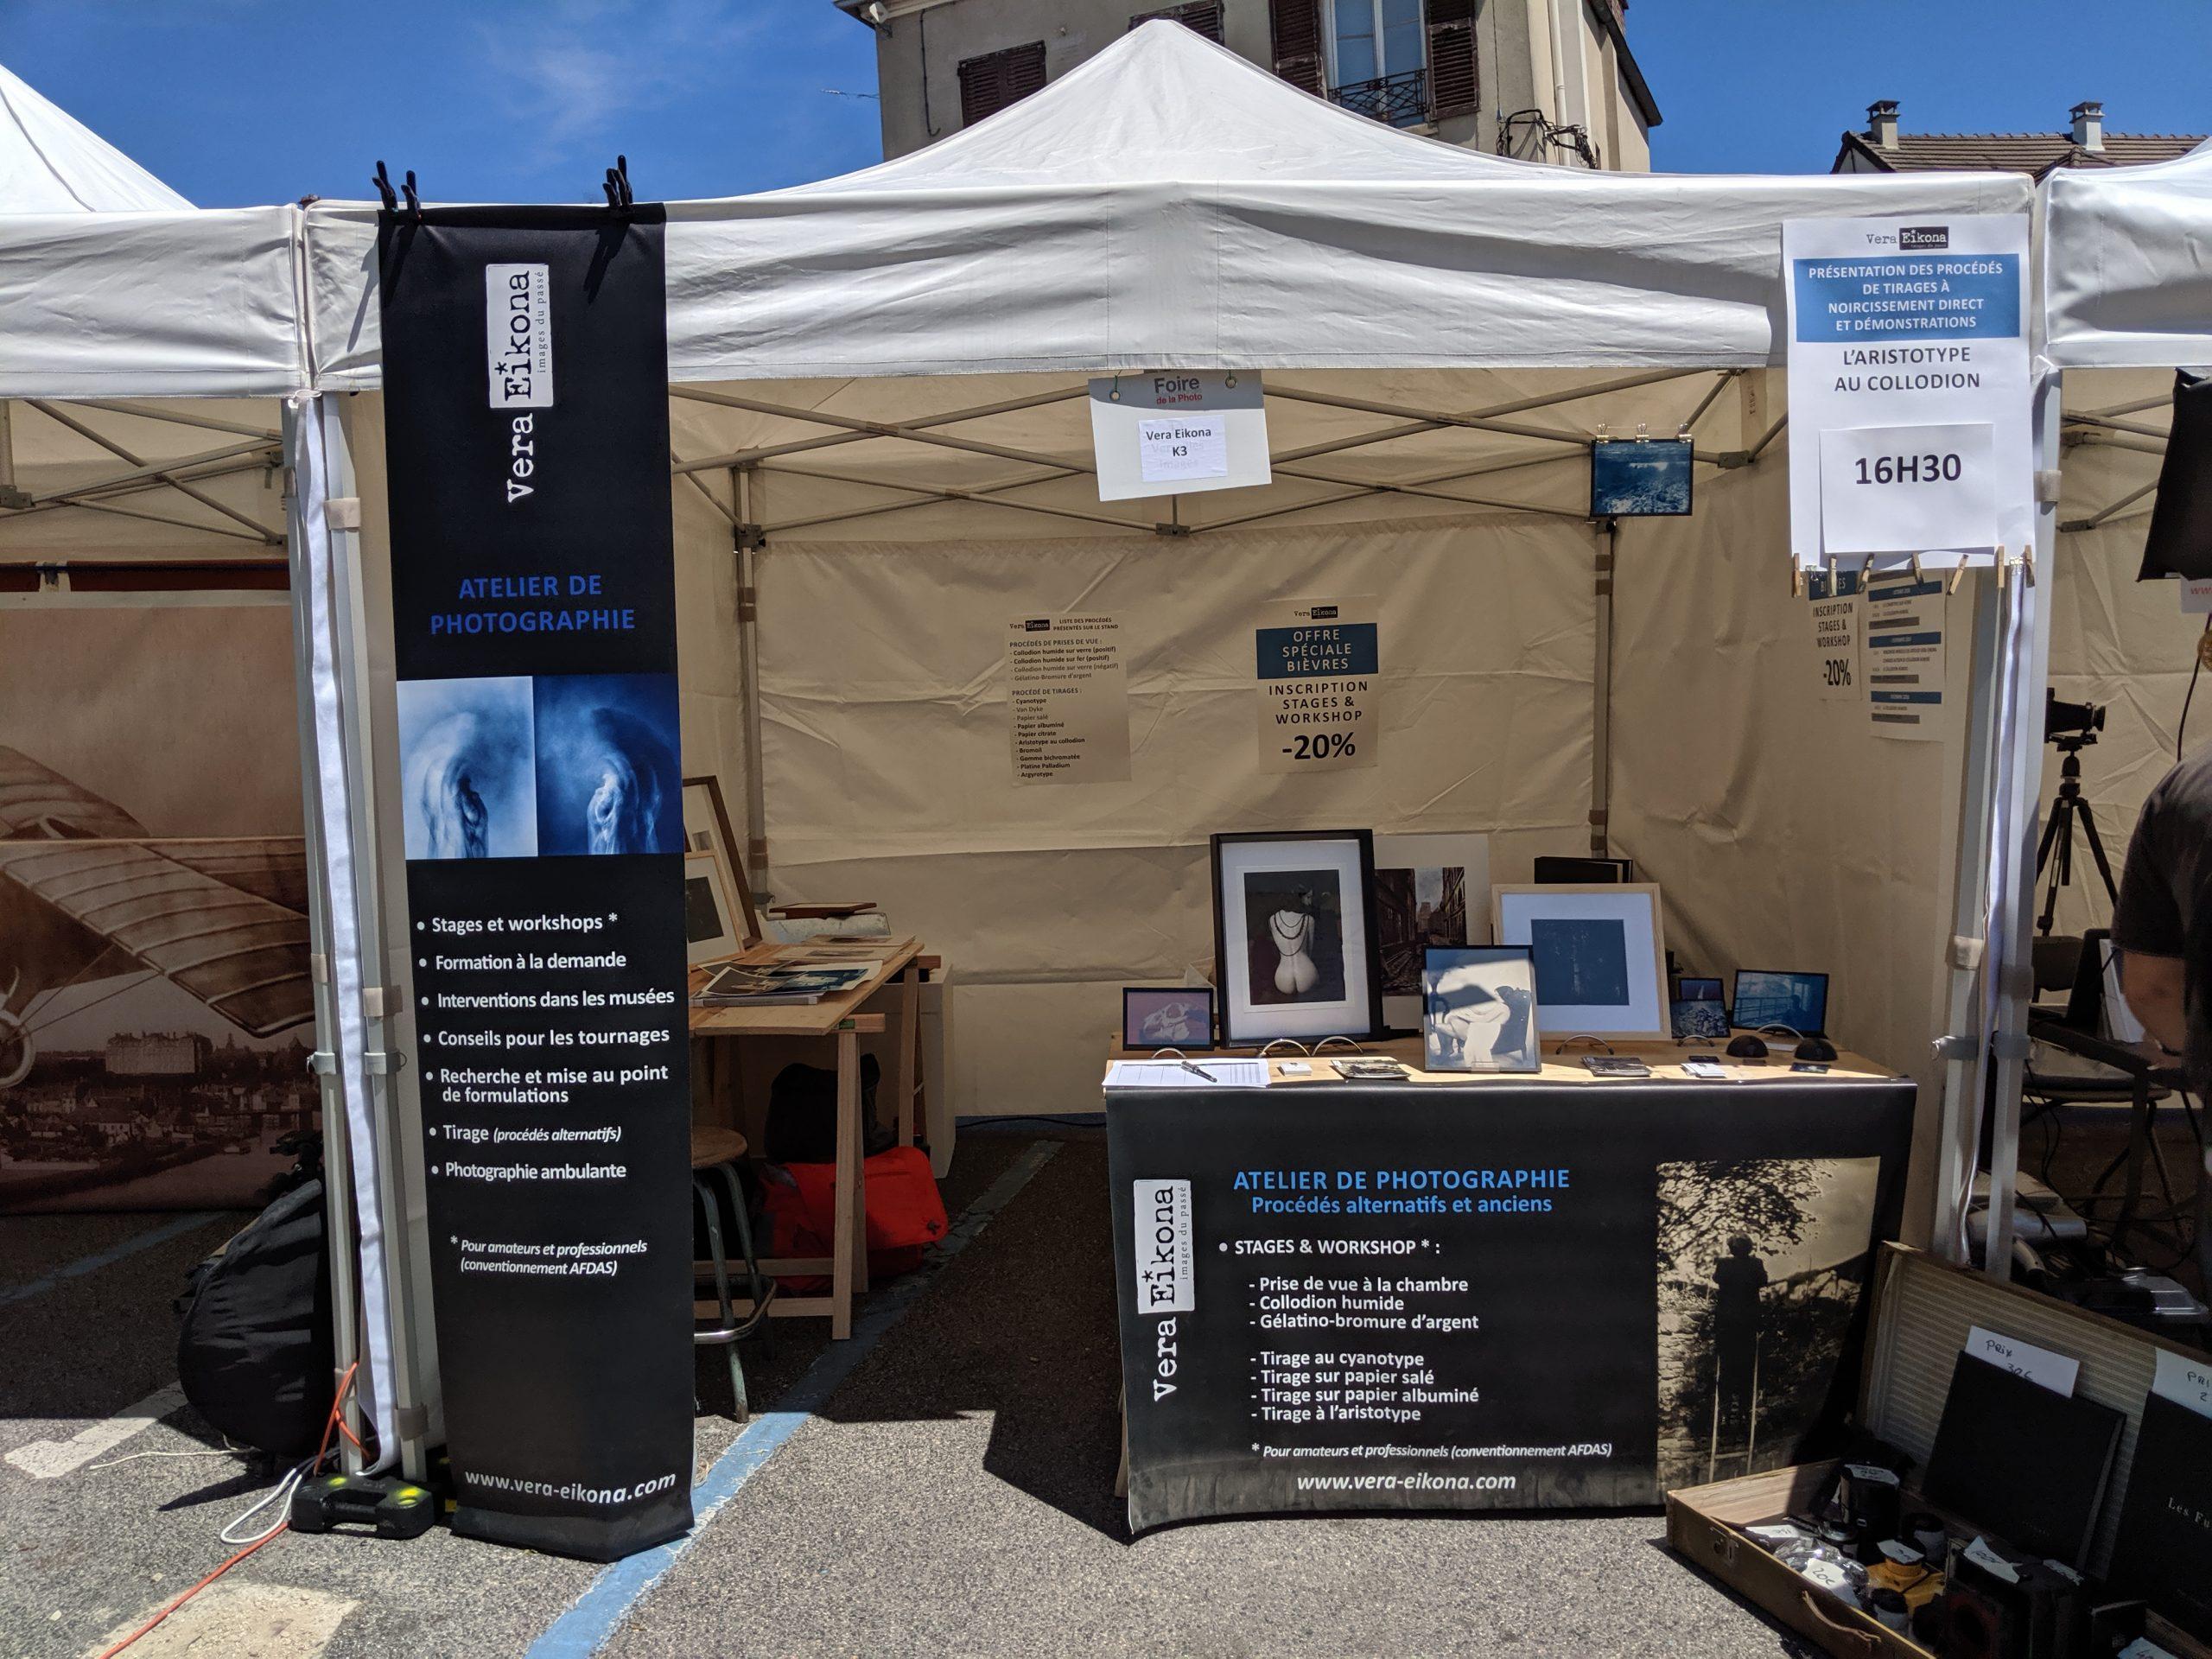 Mes cyanotypes à découvrir à la Foire Internationale de la photographie à Bièvres – 01/02 juin 2019